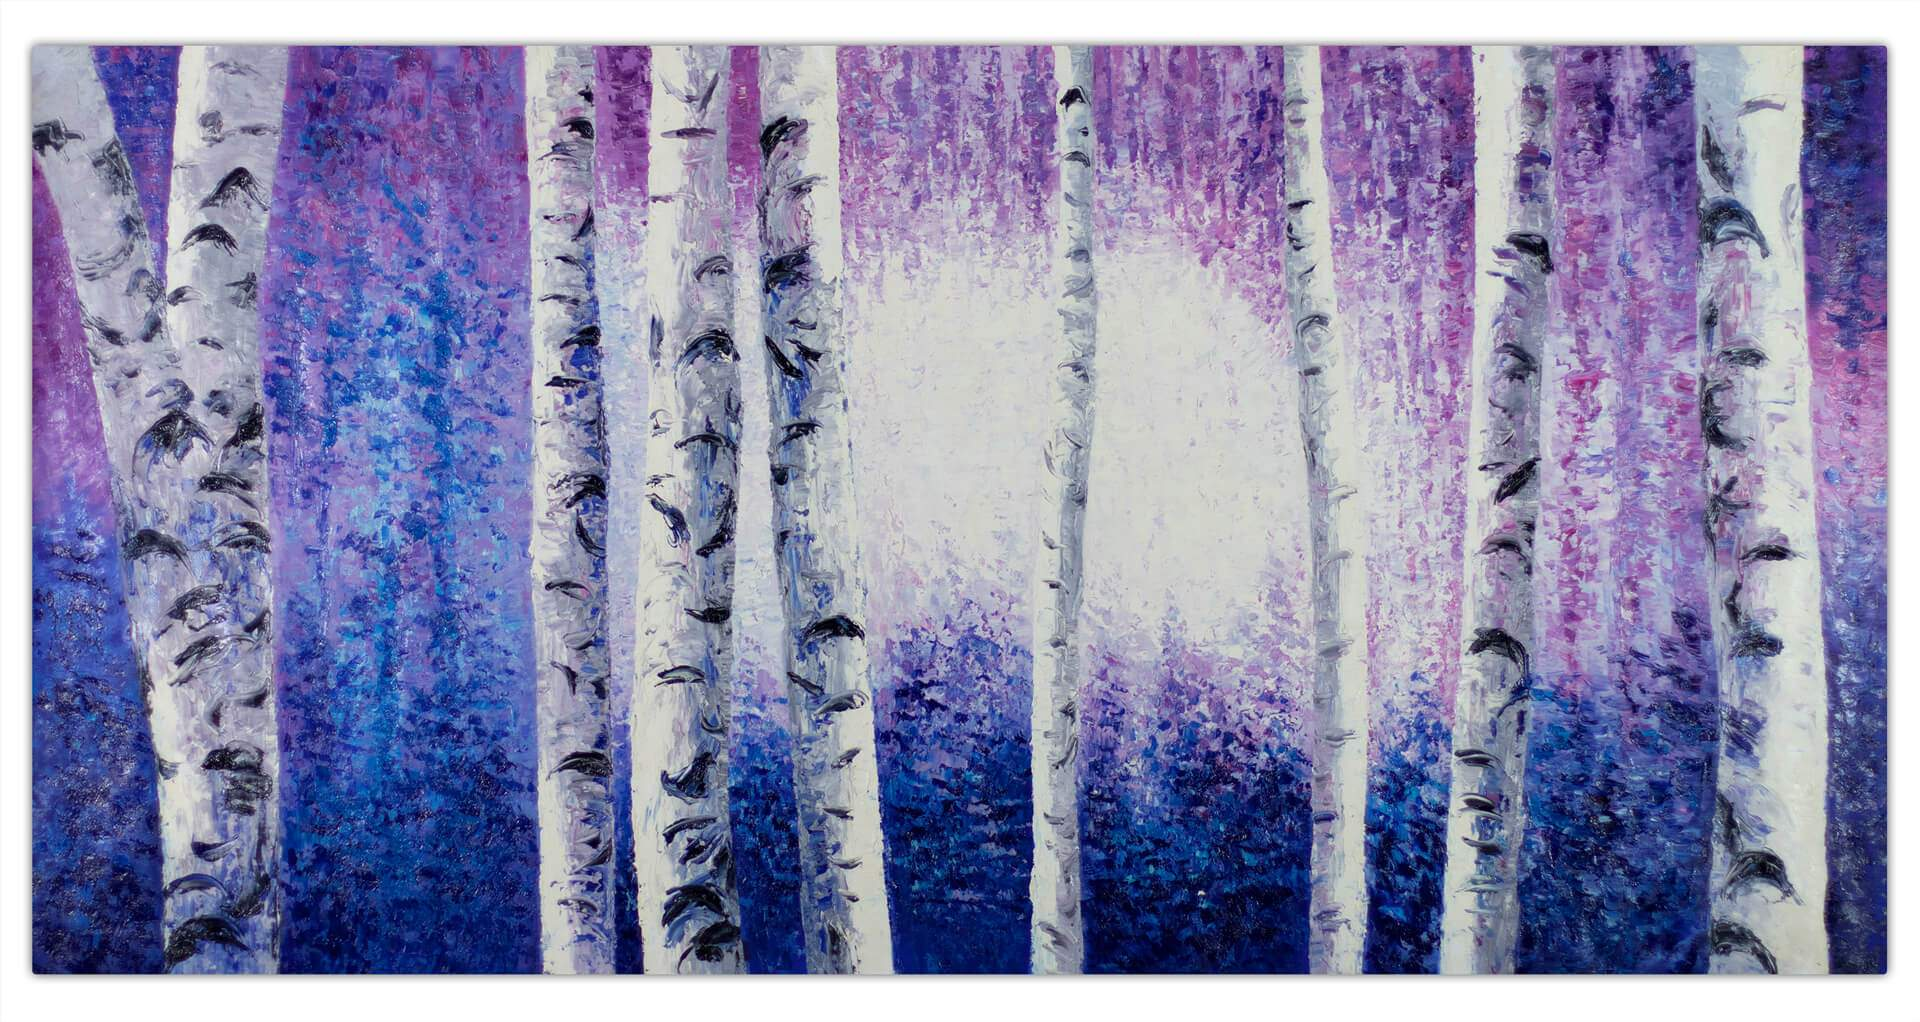 kl baum birke lila blau modern acryl gemaelde oel bild 0001 01